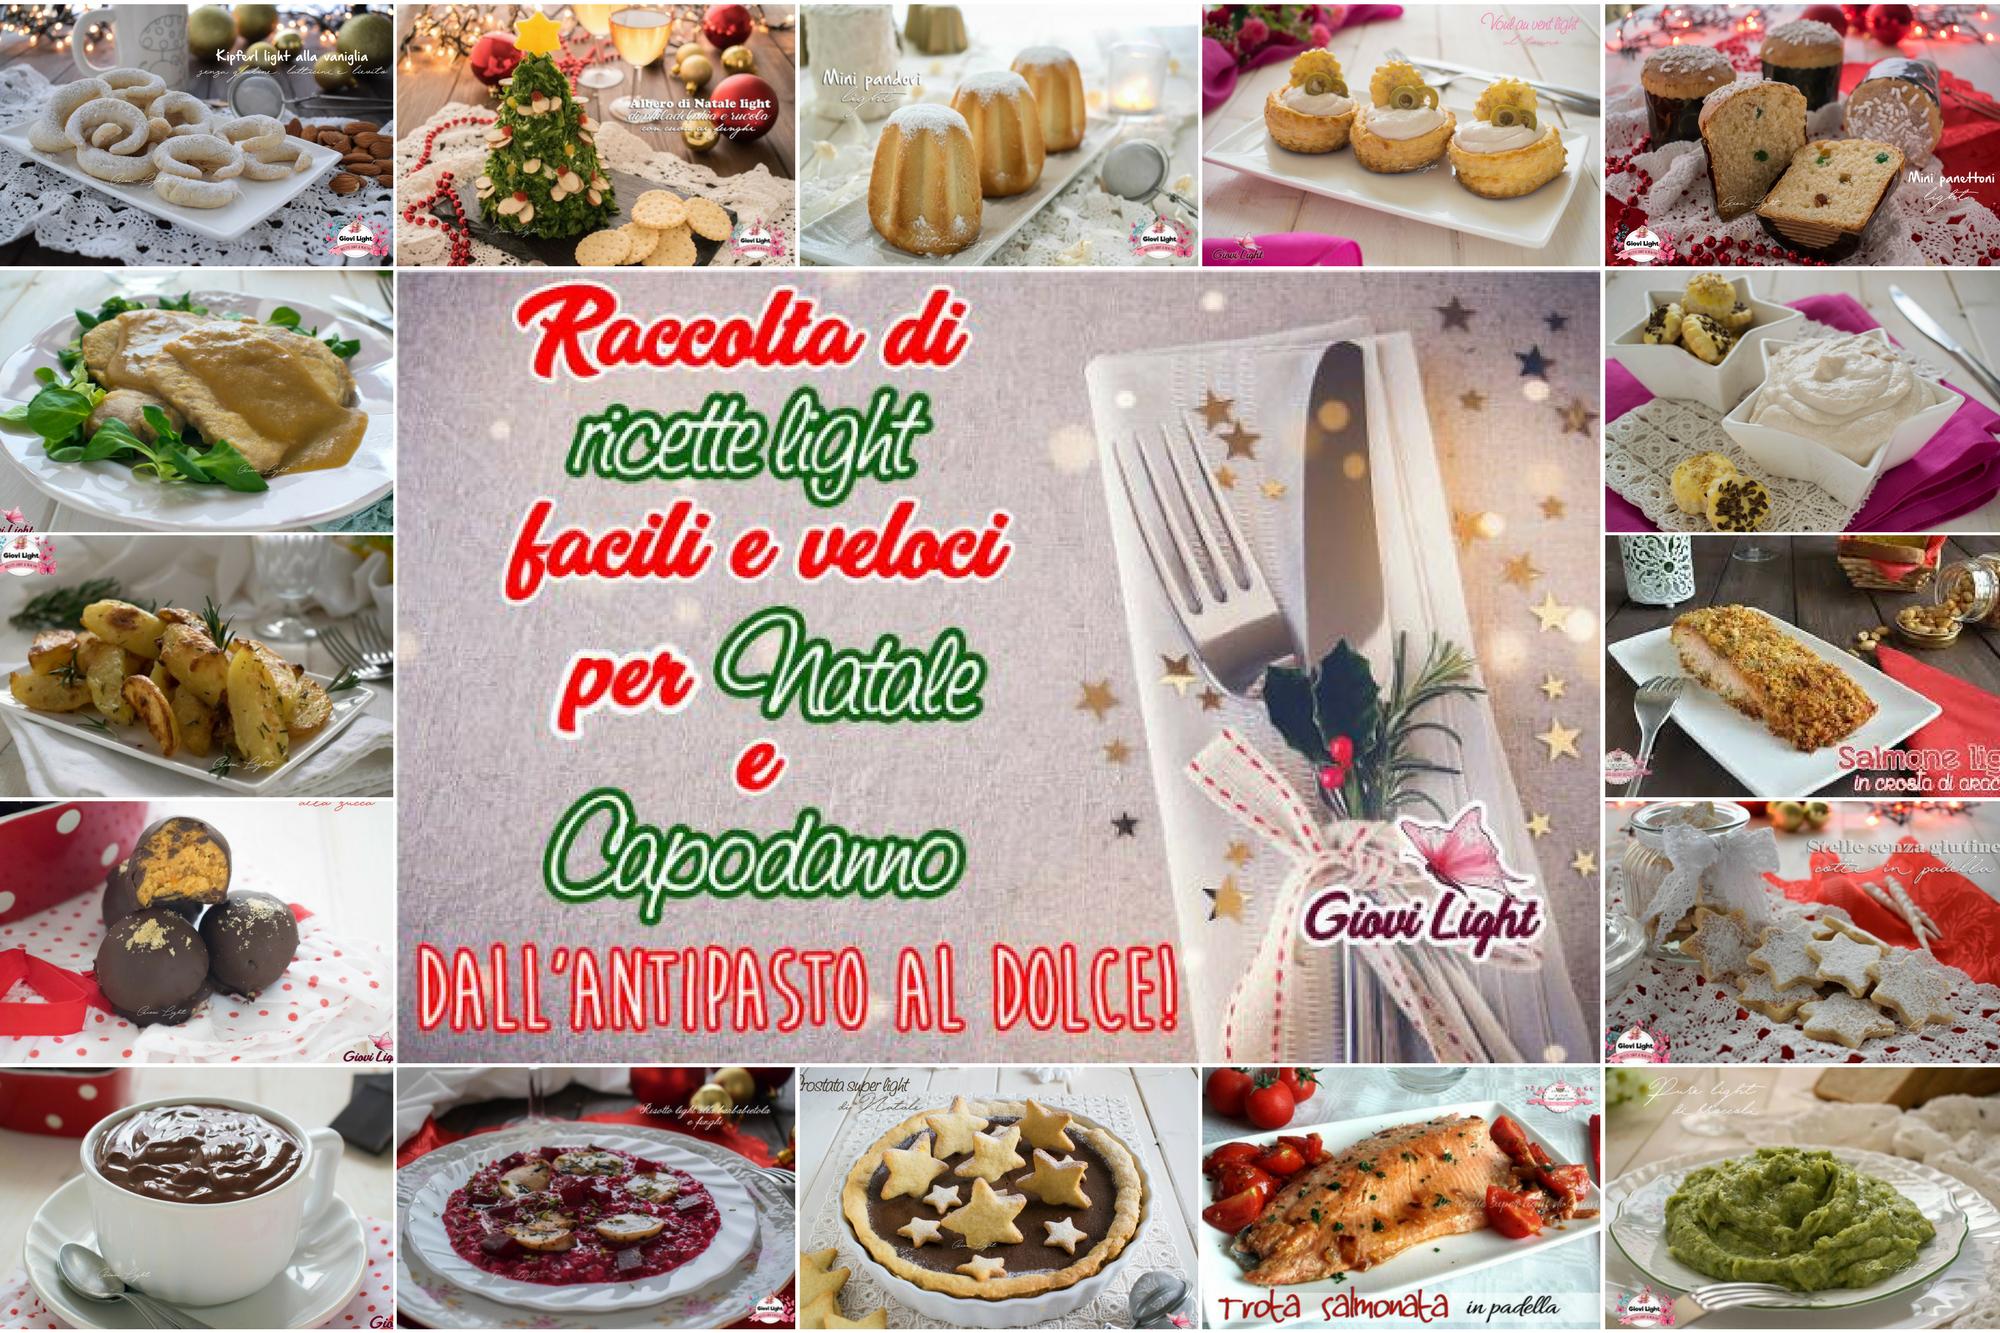 Ricette Dolci Natalizi Light.Raccolta Di Oltre 150 Ricette Facili Per Natale E Capodanno